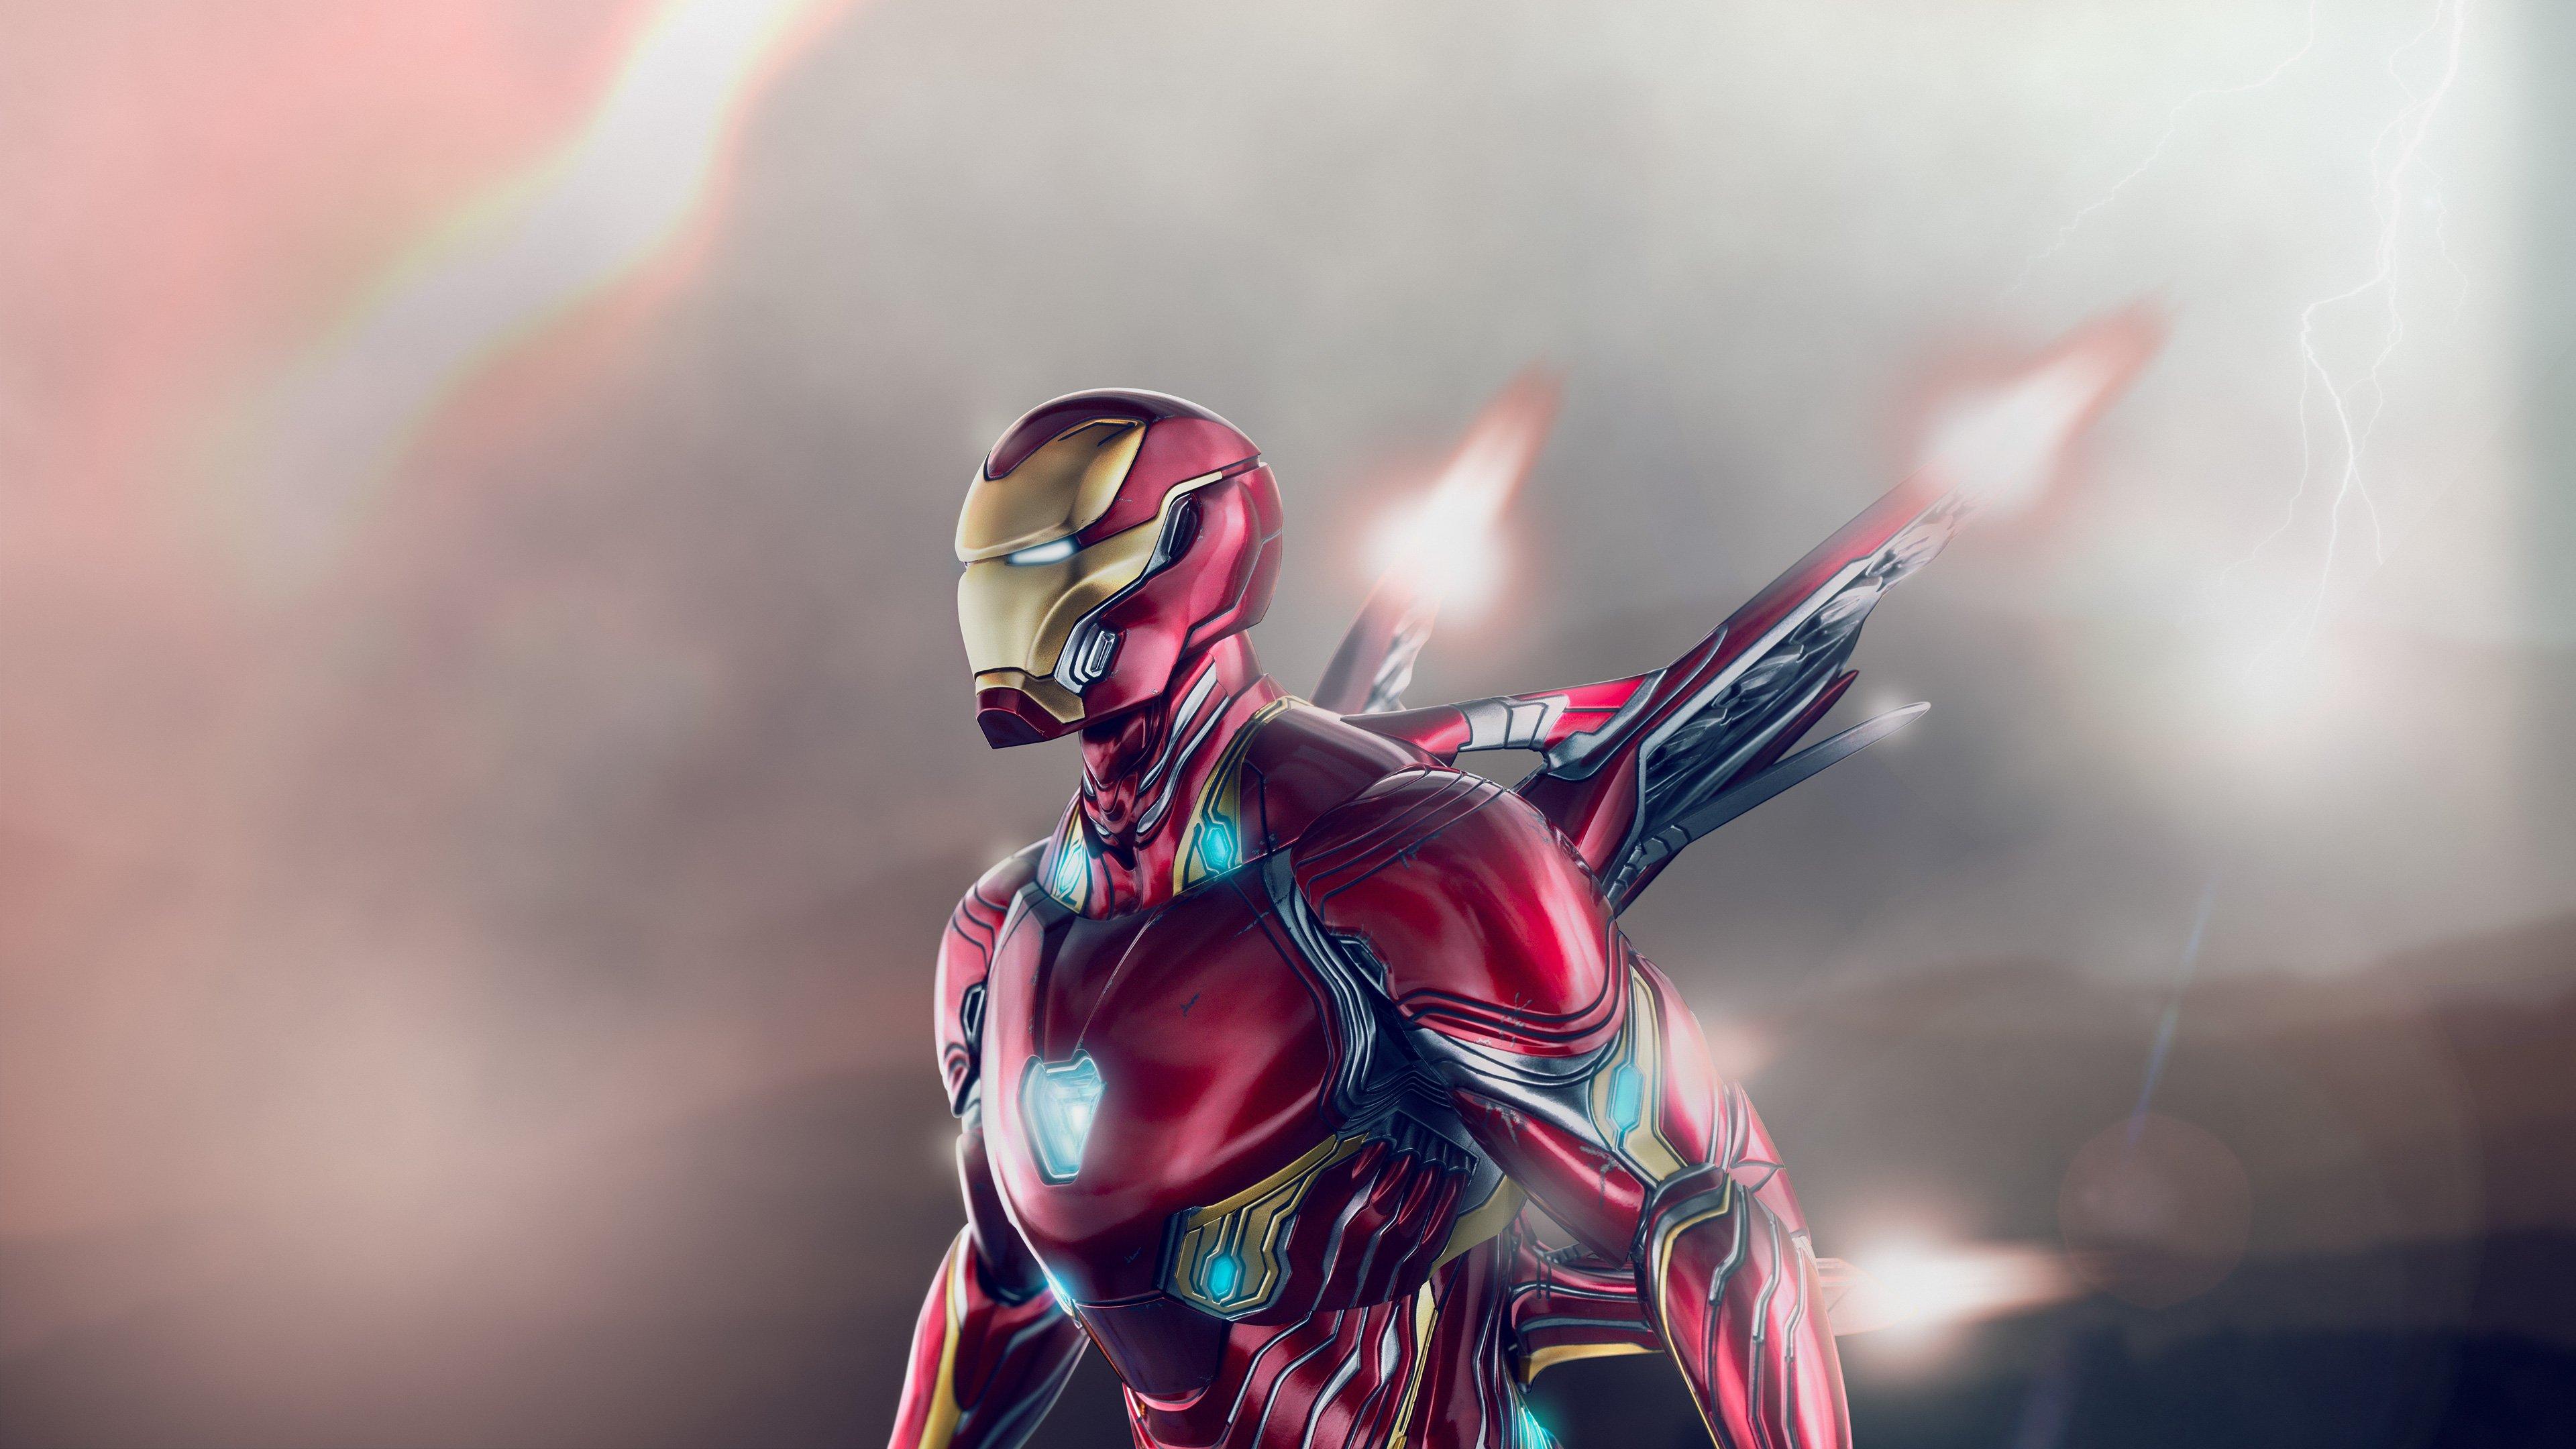 Wallpaper Iron Man wing suit